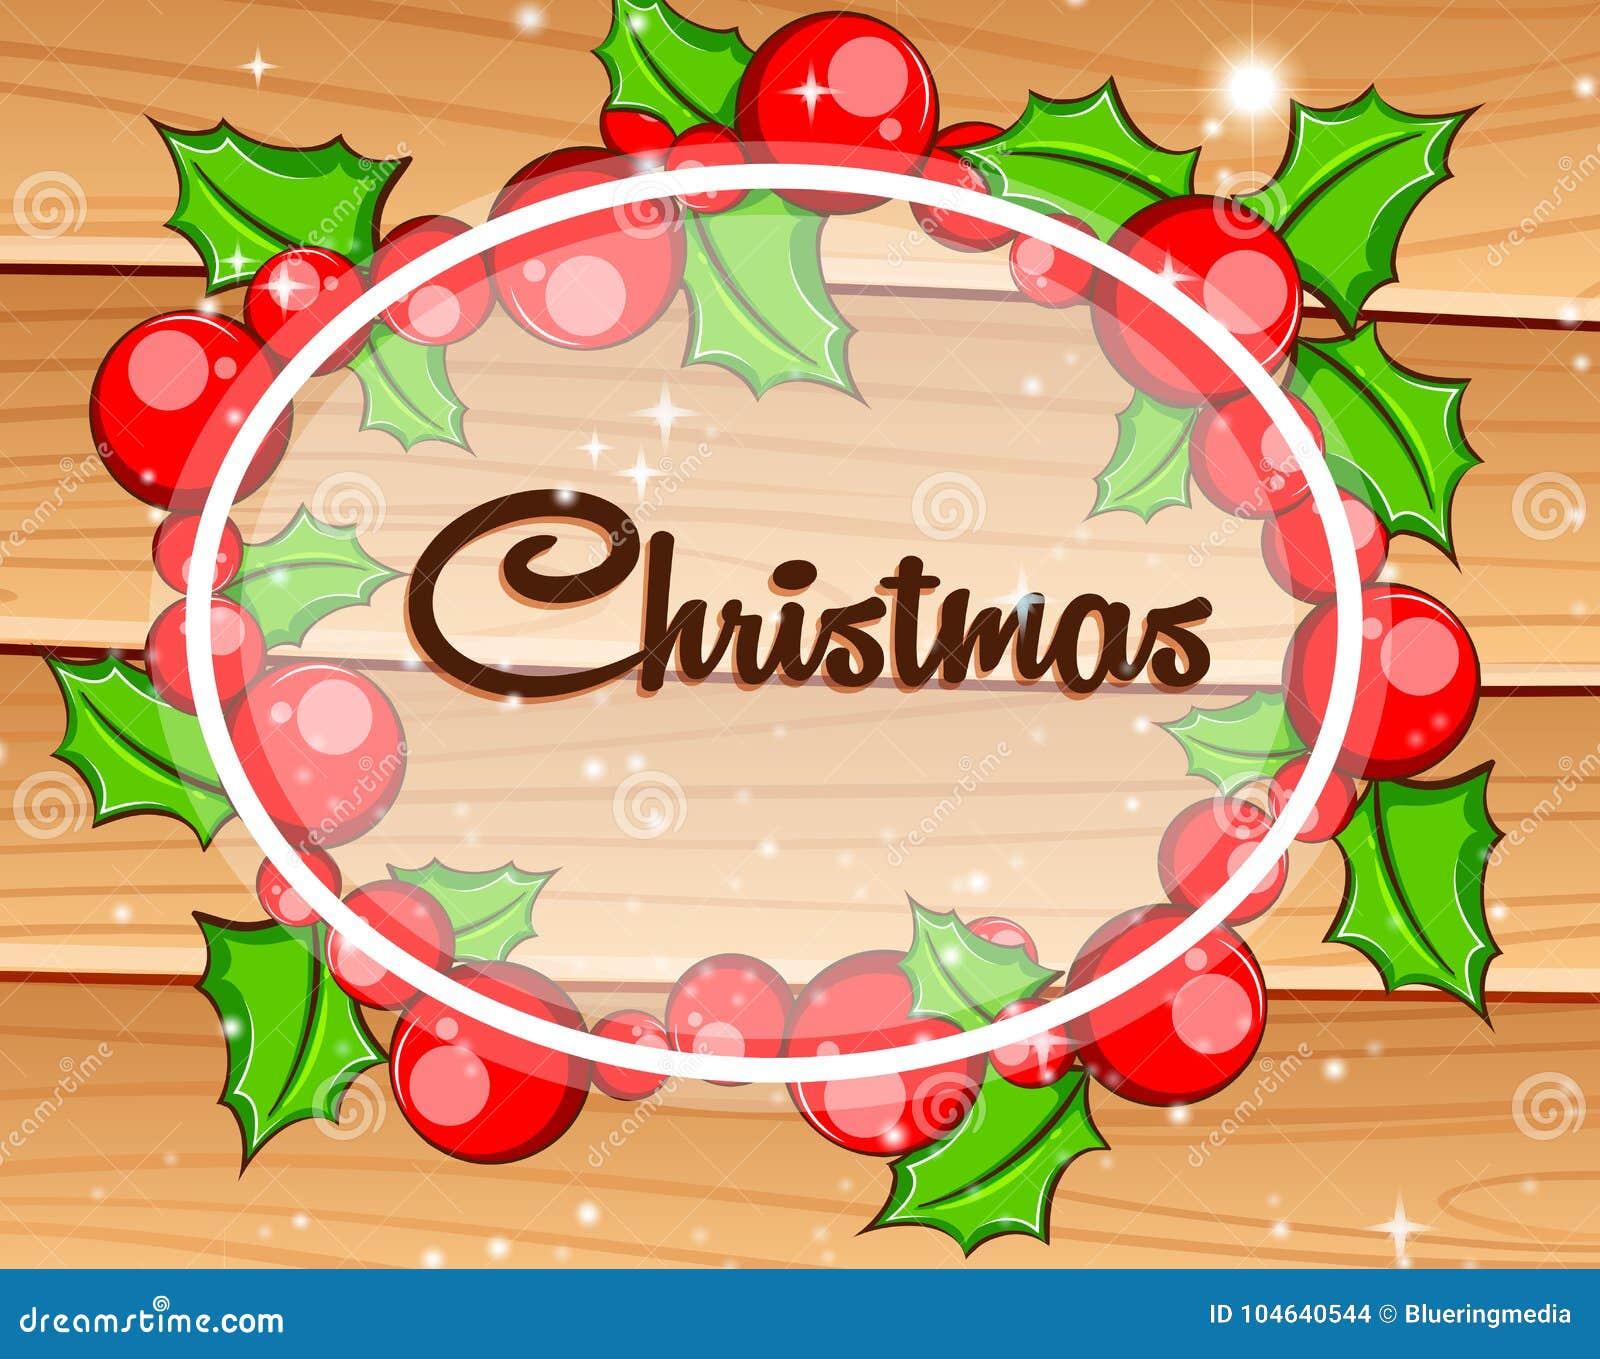 Download Kerstkaart Met Mistletoes Op Houten Raad Vector Illustratie - Illustratie bestaande uit affiche, vrolijk: 104640544